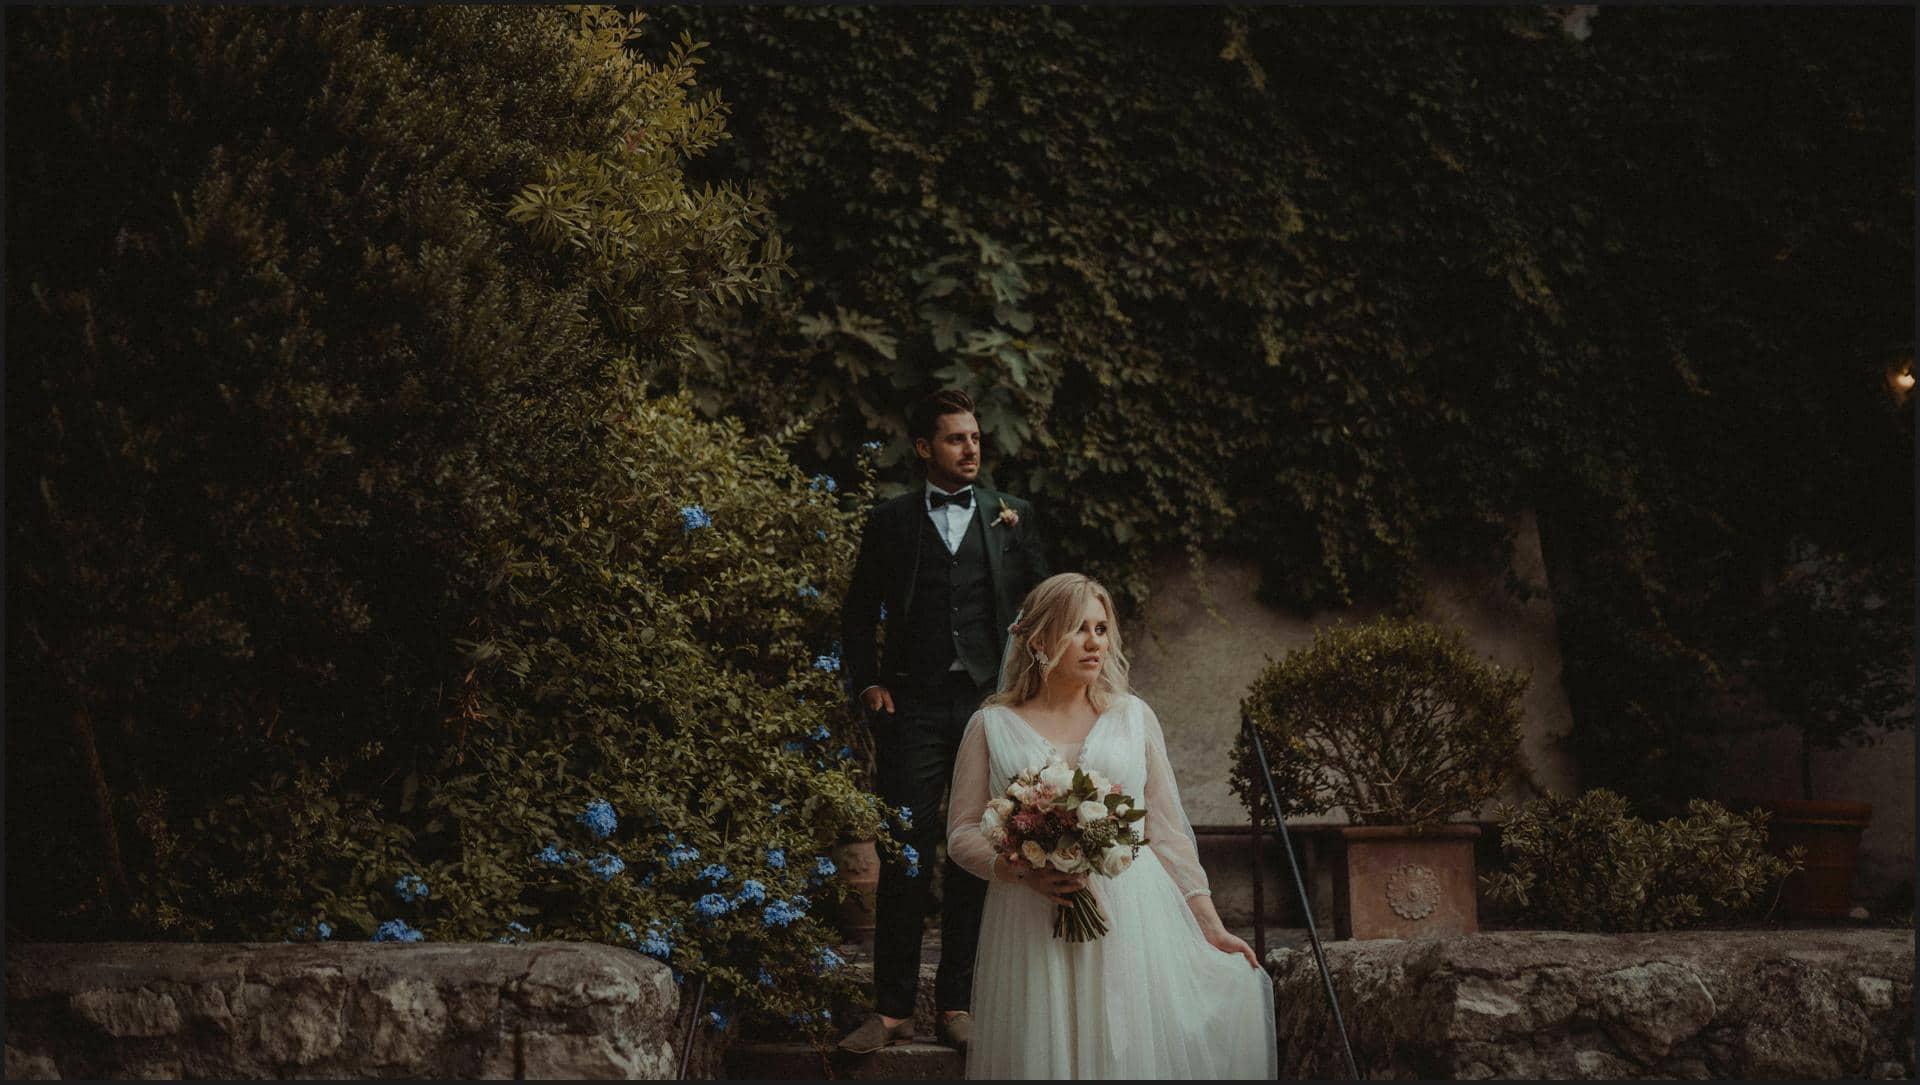 borgo di tragliata, wedding, rome, wedding in rome, bride, groom, wedding dress, italy wedding photographer. wedding in italy. intimate wedding in italy, rome wedding